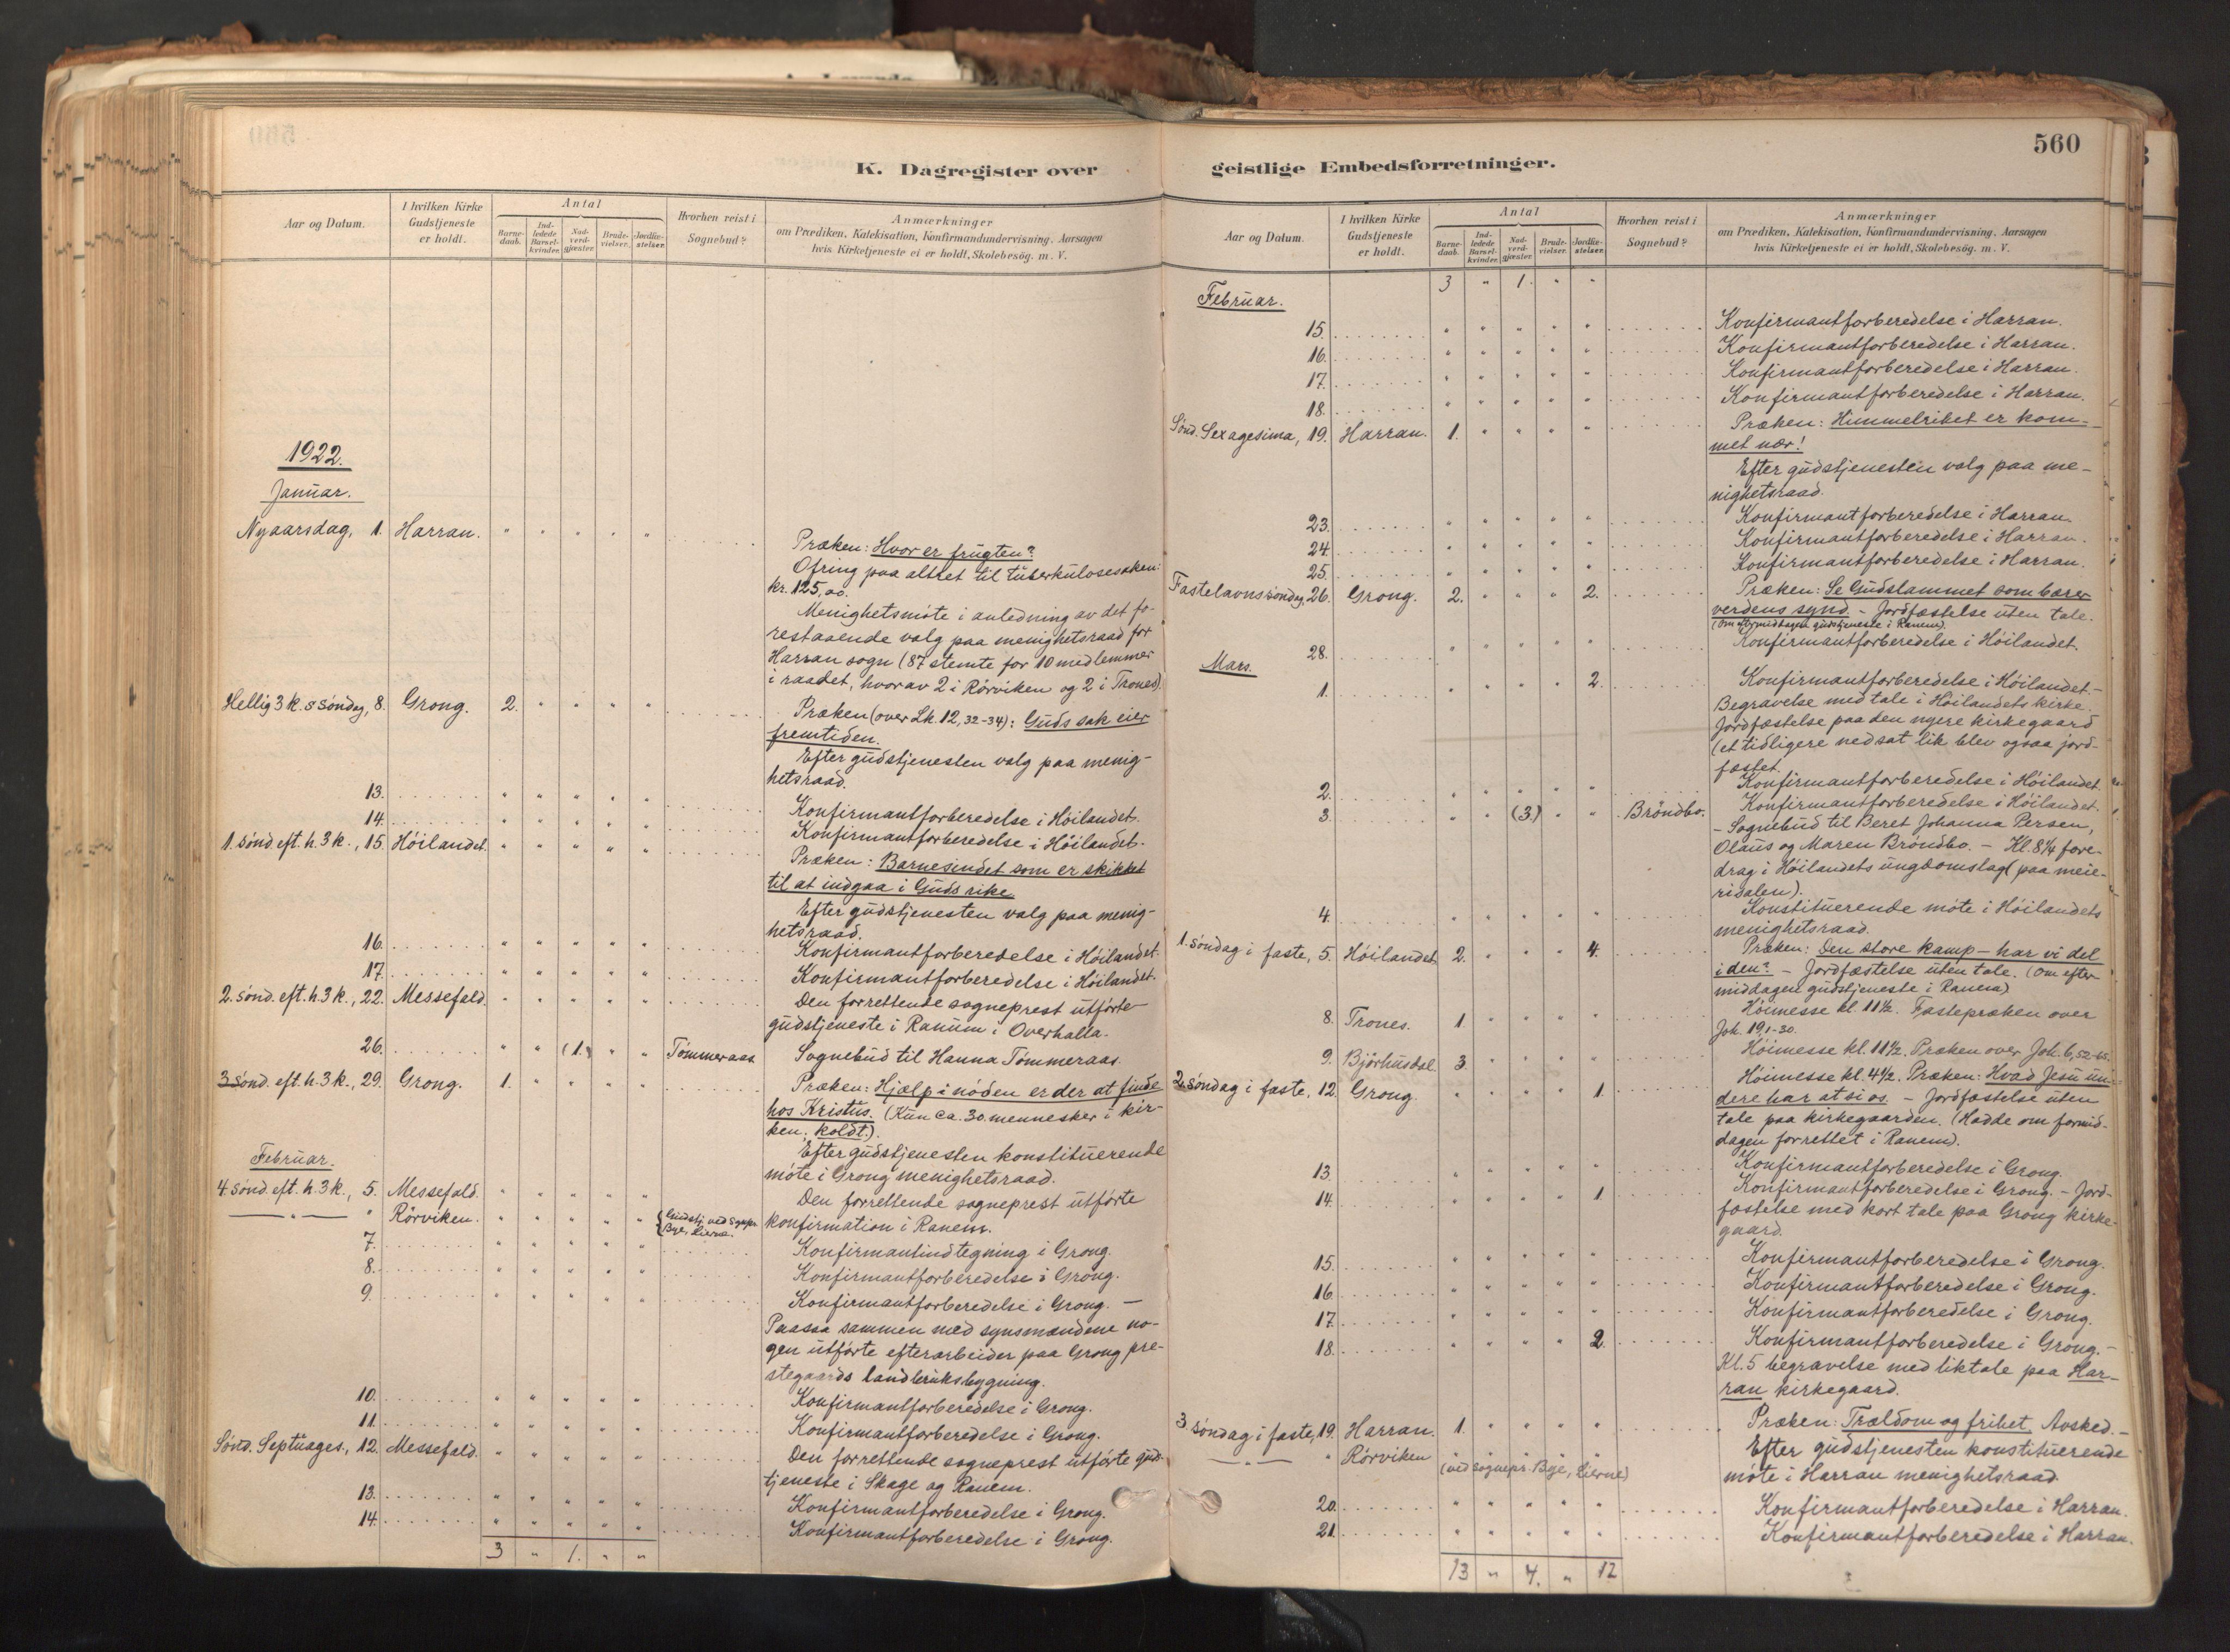 SAT, Ministerialprotokoller, klokkerbøker og fødselsregistre - Nord-Trøndelag, 758/L0519: Ministerialbok nr. 758A04, 1880-1926, s. 560